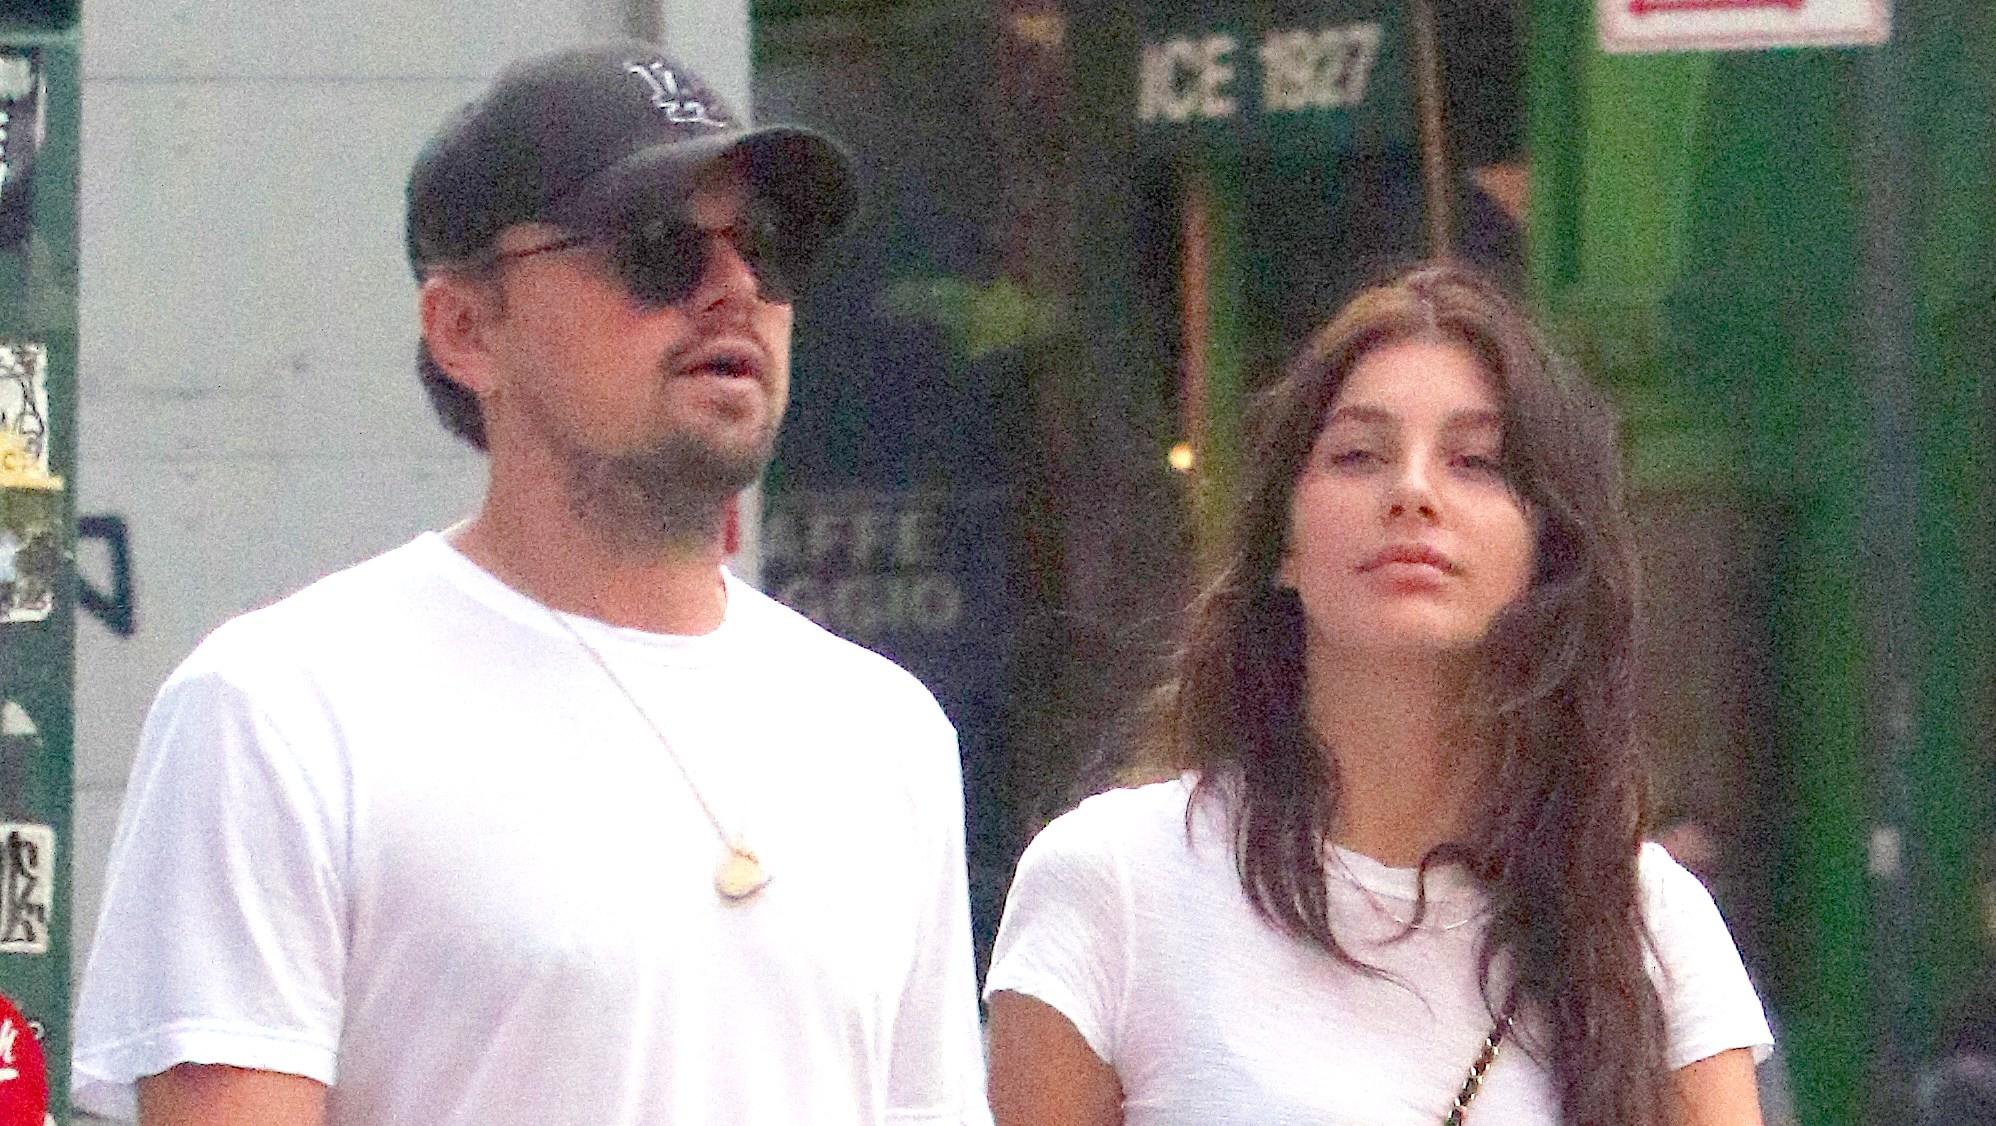 Leonardo DiCaprio and Camila Morrone engagement talks